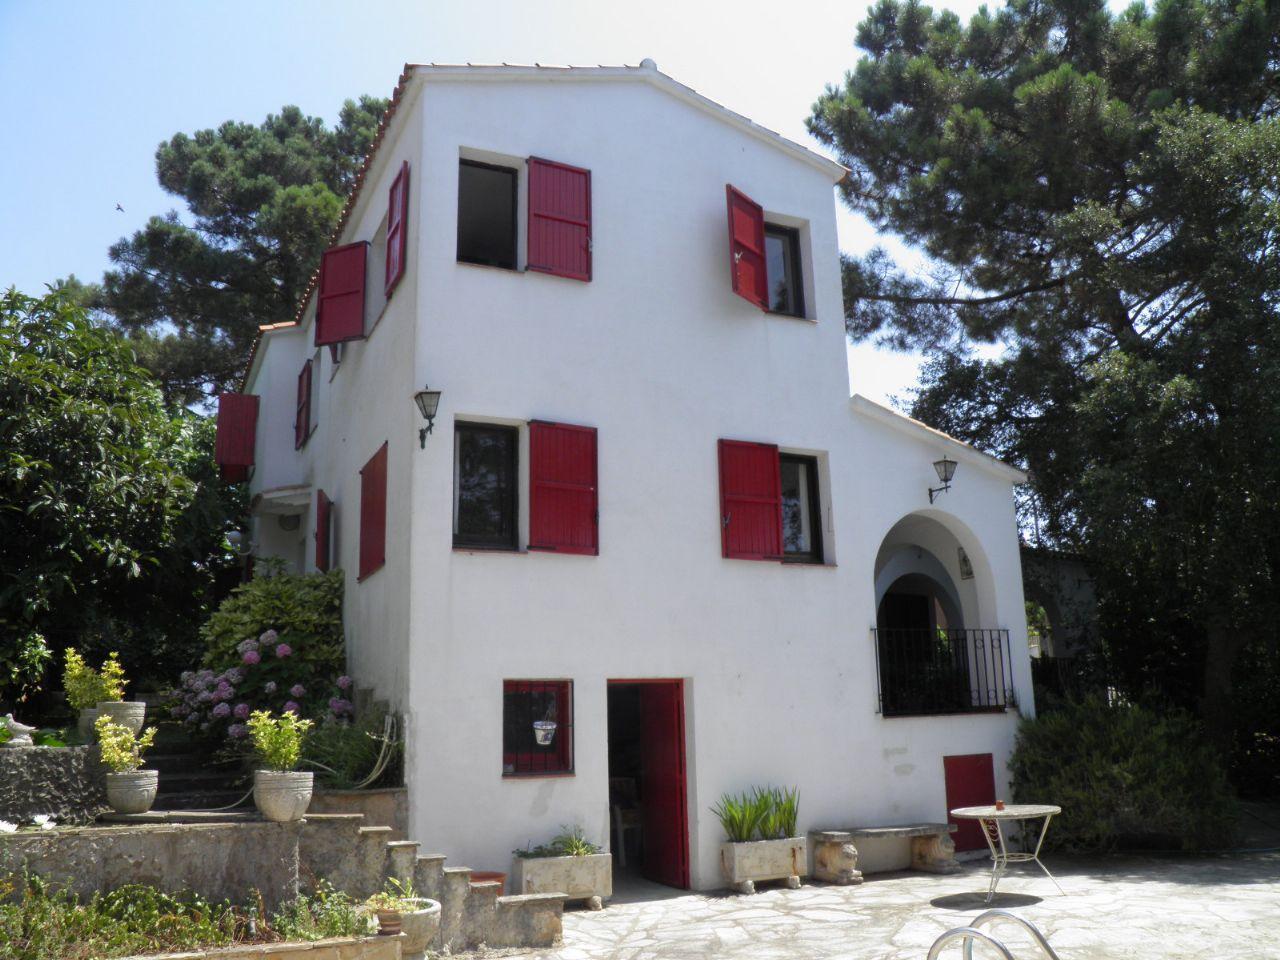 Casa / Chalet en Lloret de Mar, Lloret Blau - La Creu de Lloret, venta